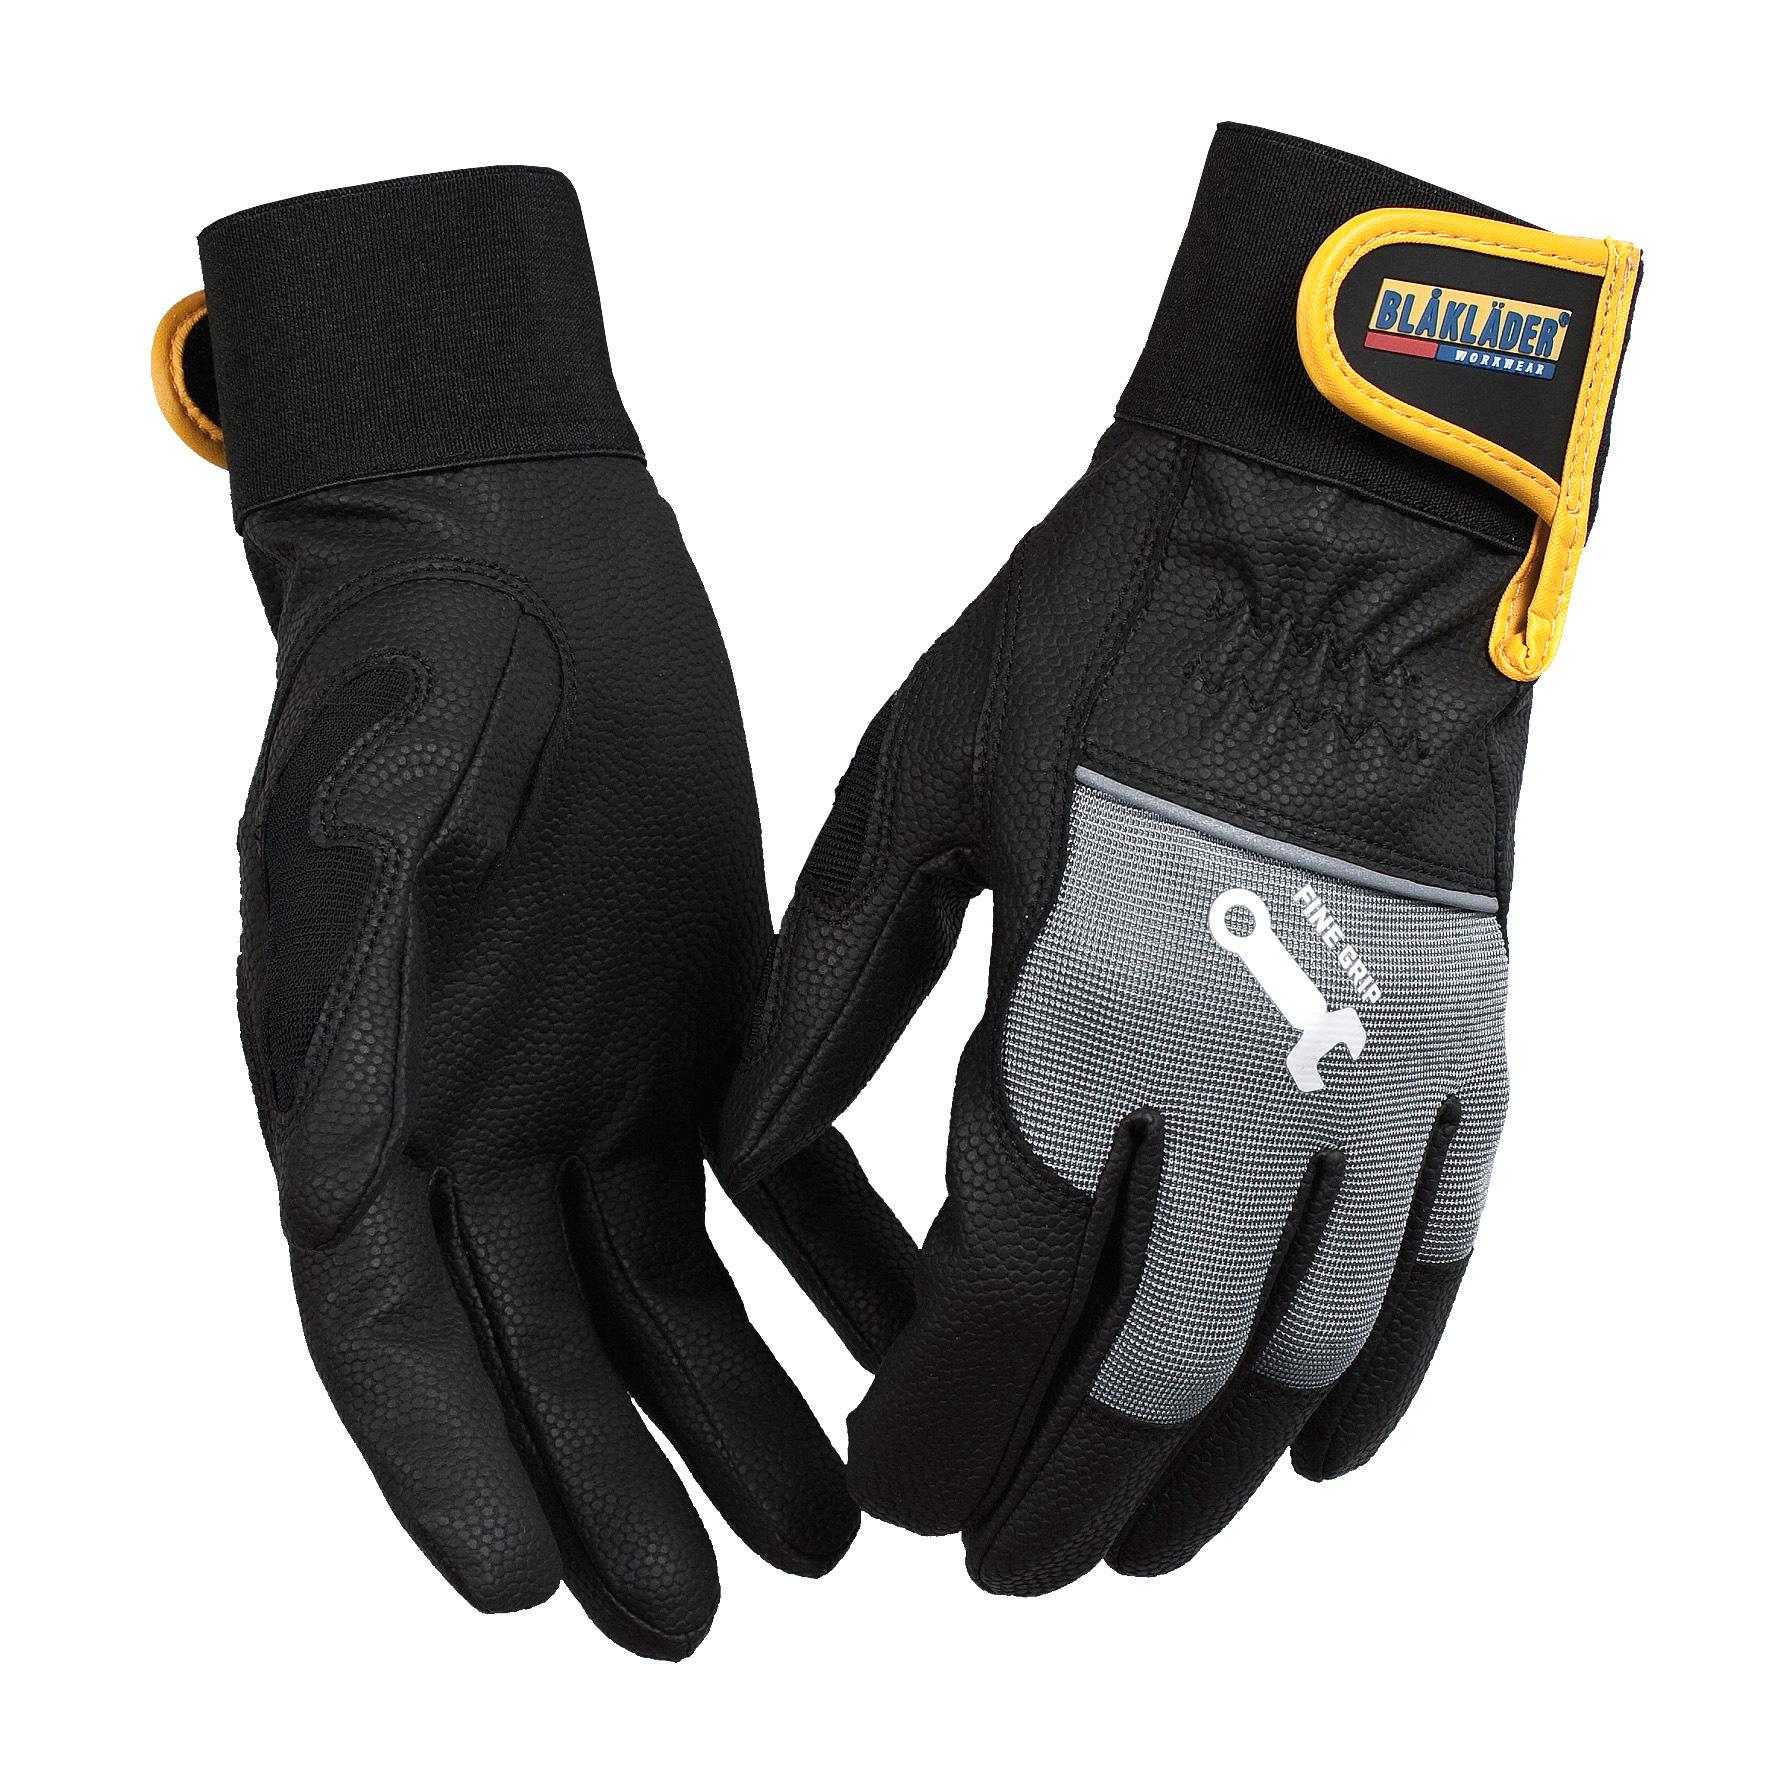 blaklader gants de montage fine grip noir gris distriartisan. Black Bedroom Furniture Sets. Home Design Ideas